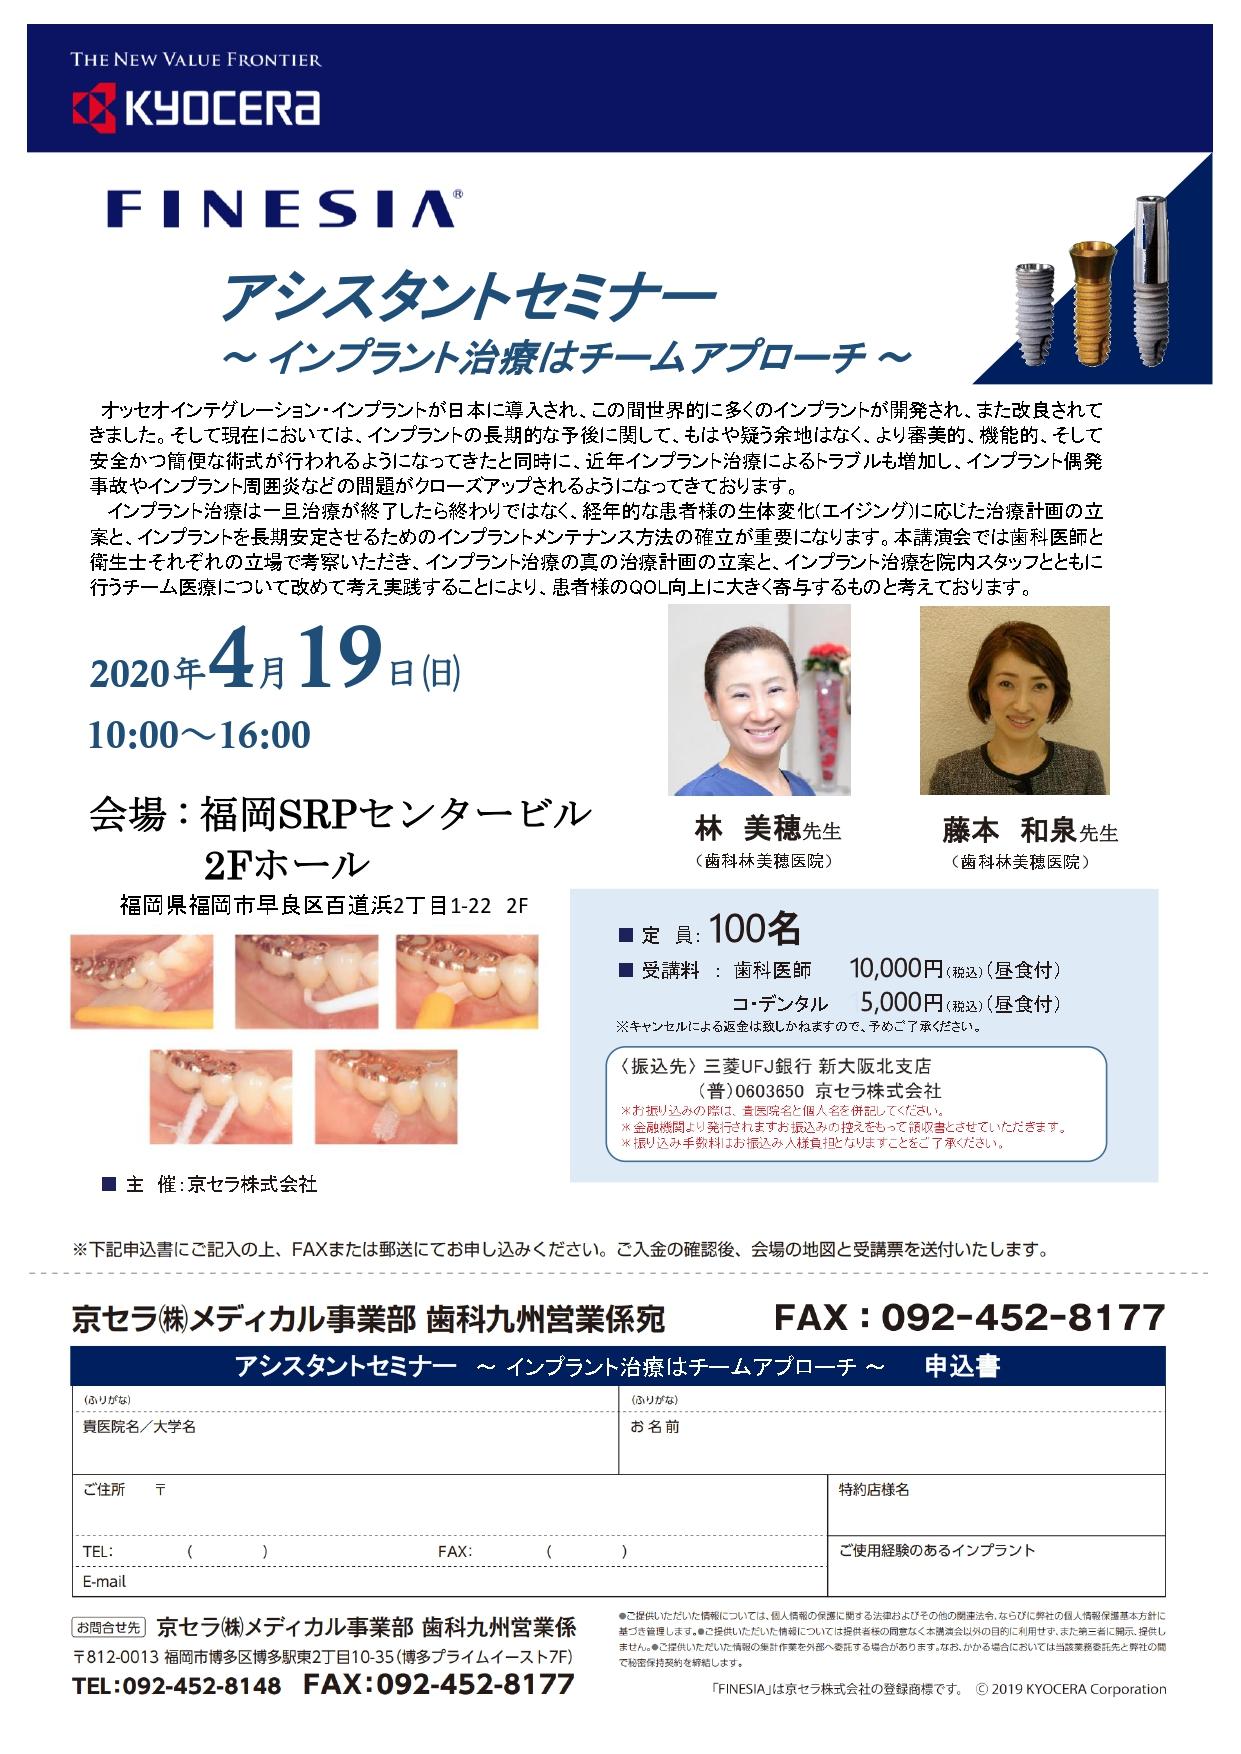 【開催中止】FINESIA アシスタントセミナー ~ インプラント治療はチームアプローチ ~